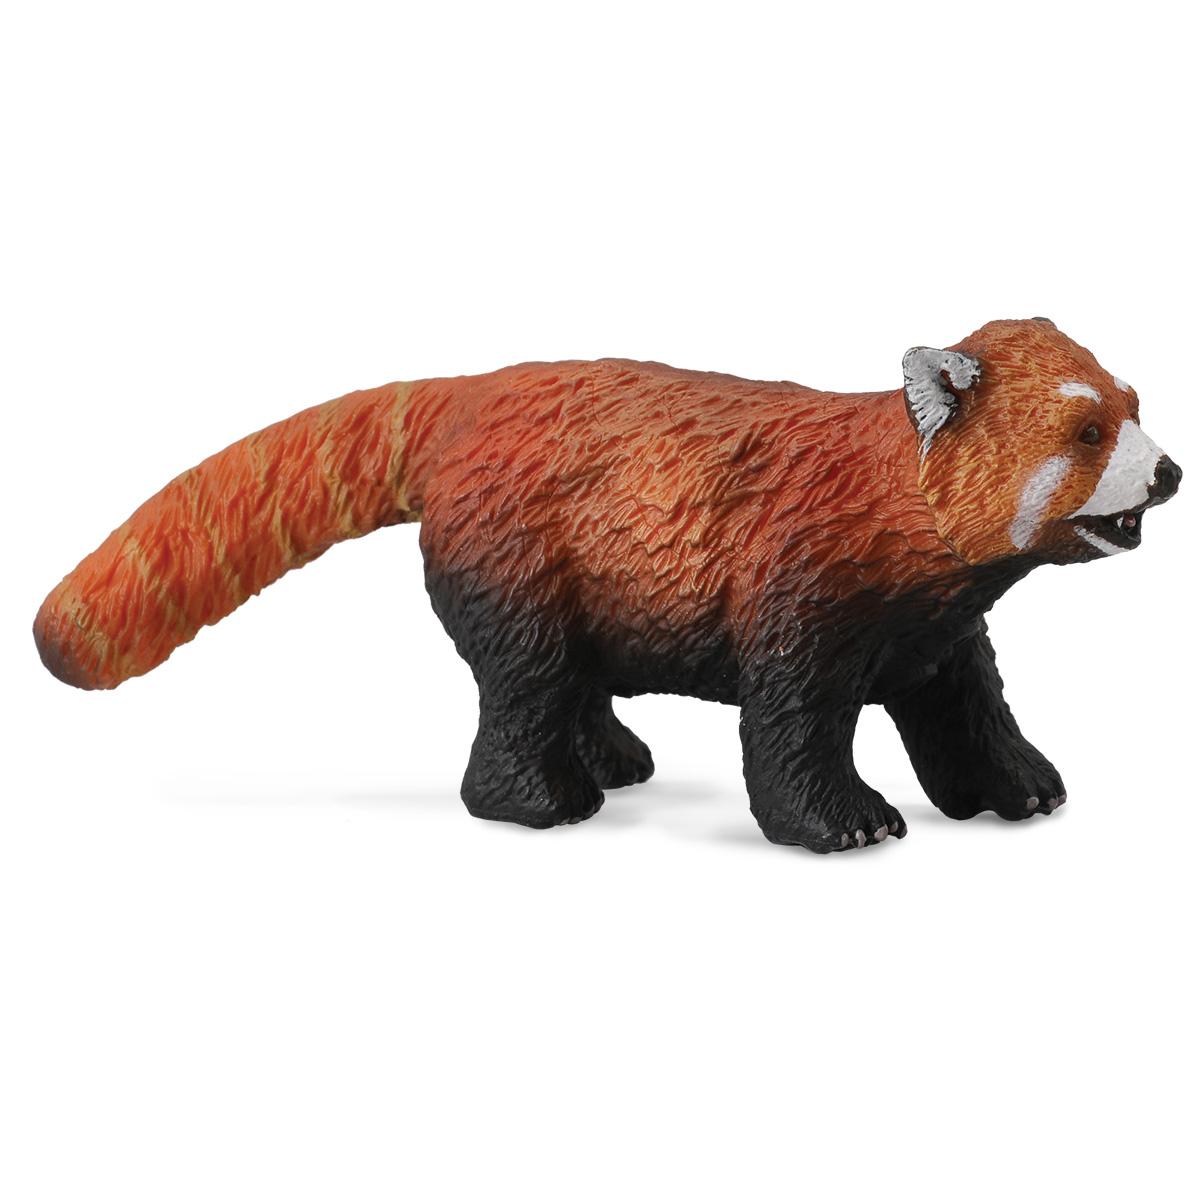 Купить Фигурка животного - Красная панда, размер M, Collecta Gulliver